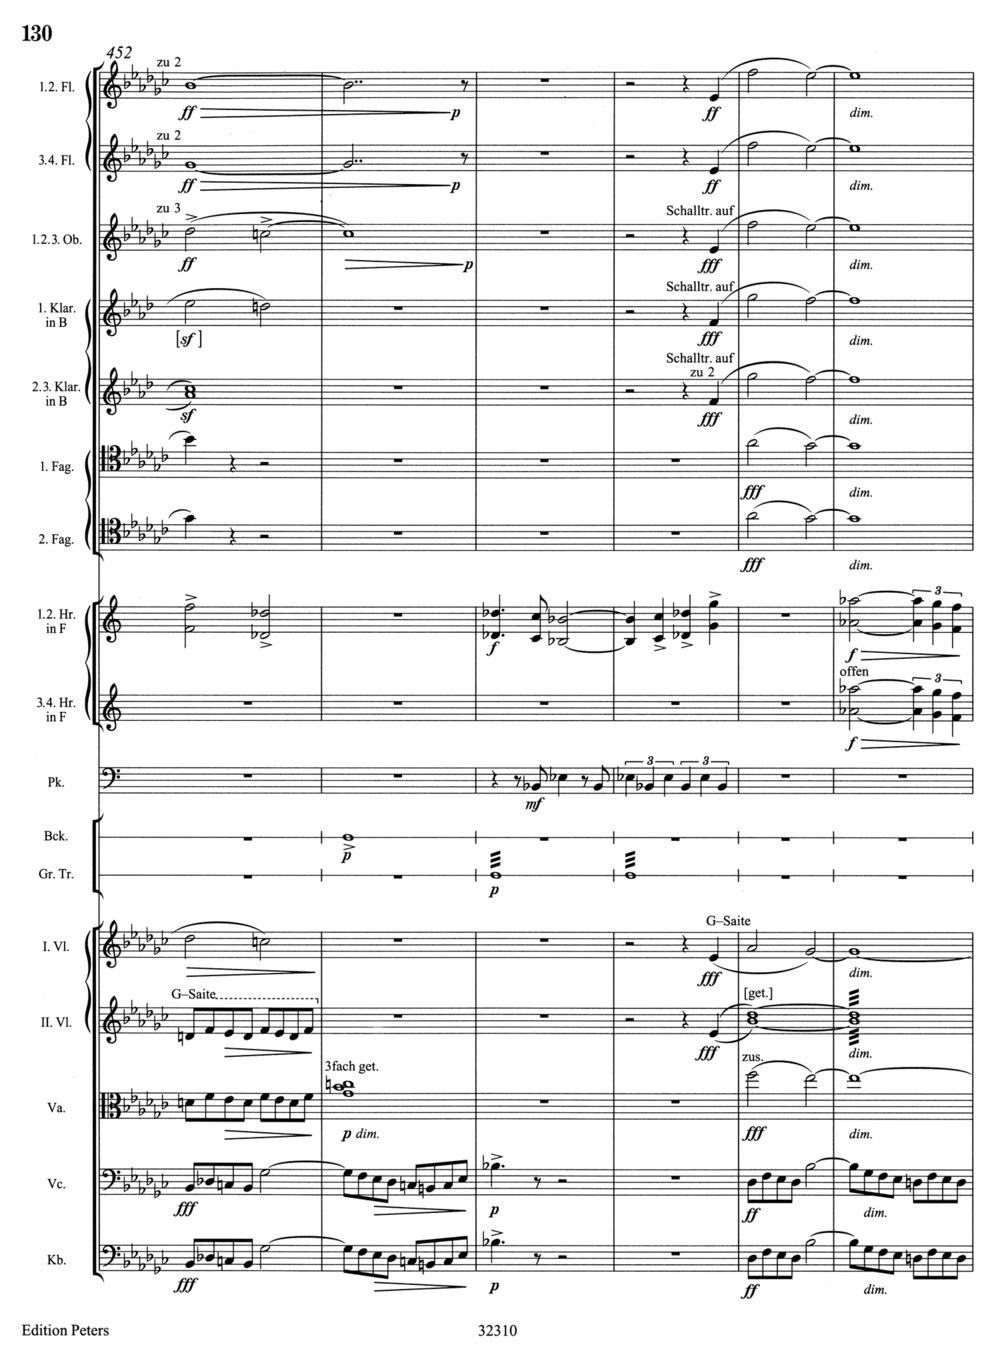 Mahler 5 Score 5.jpg